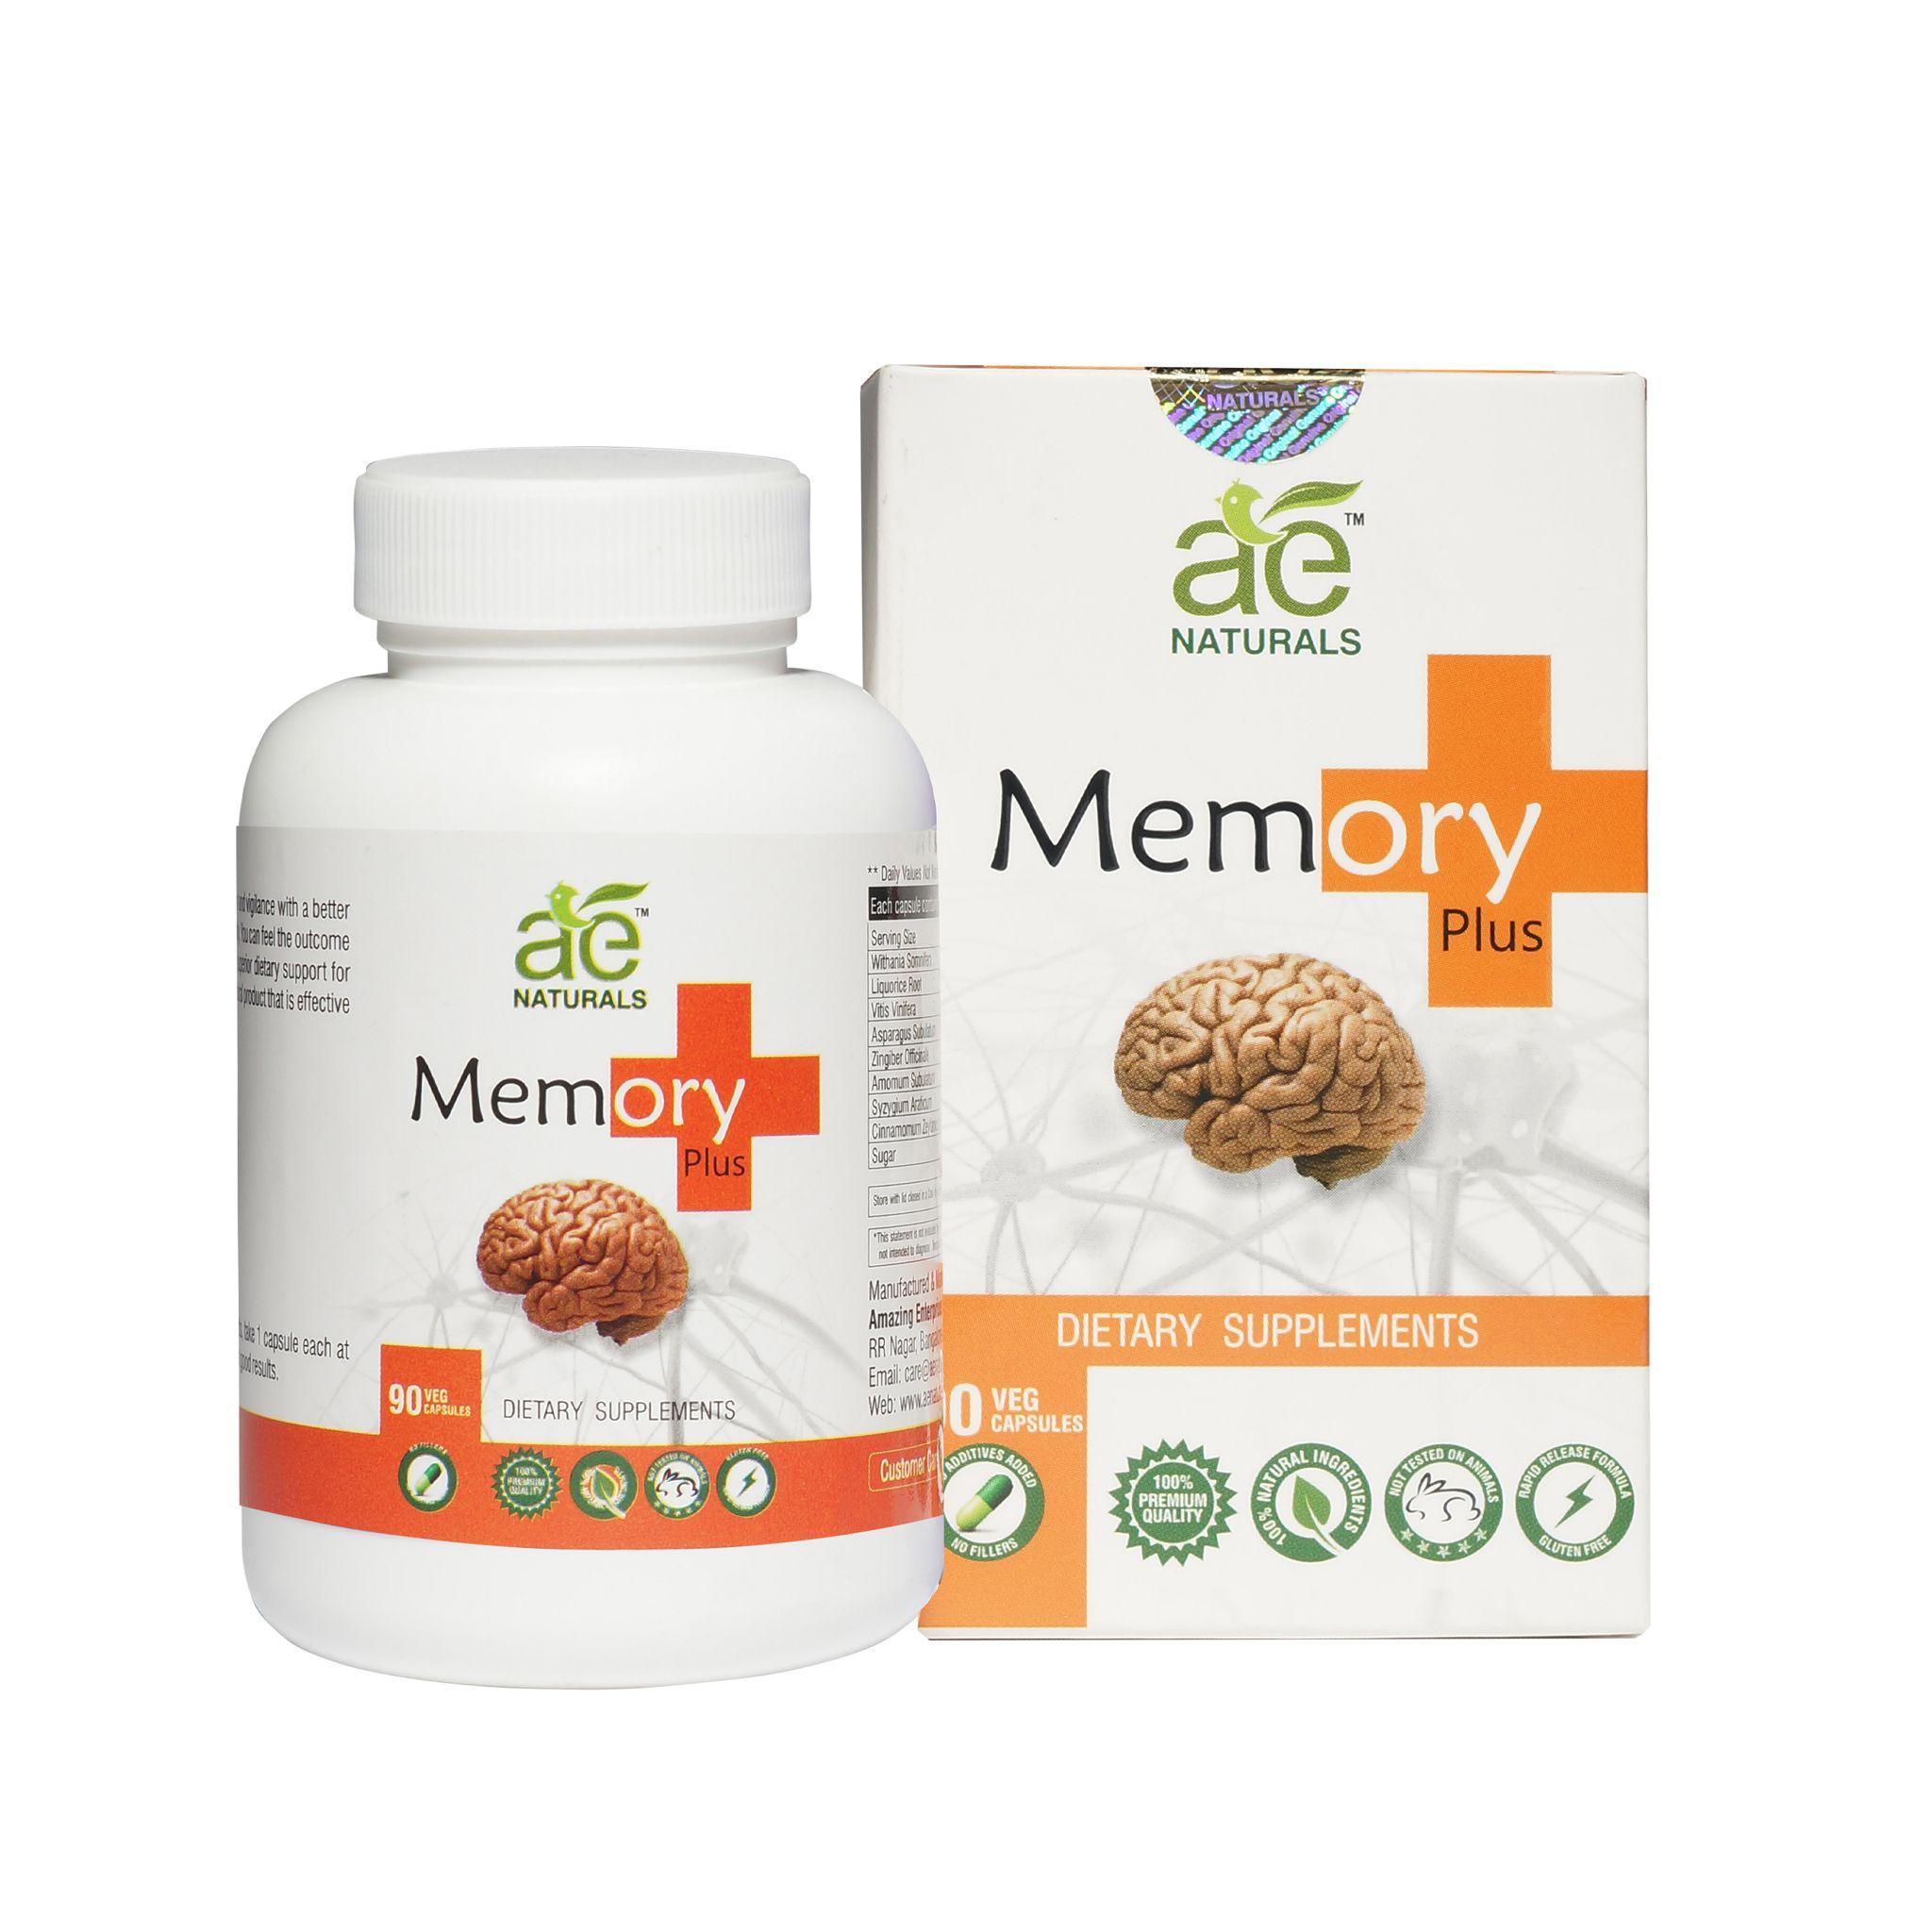 AE Naturals memory Plus Caps Herbal 90 Veg Protein Bar ...